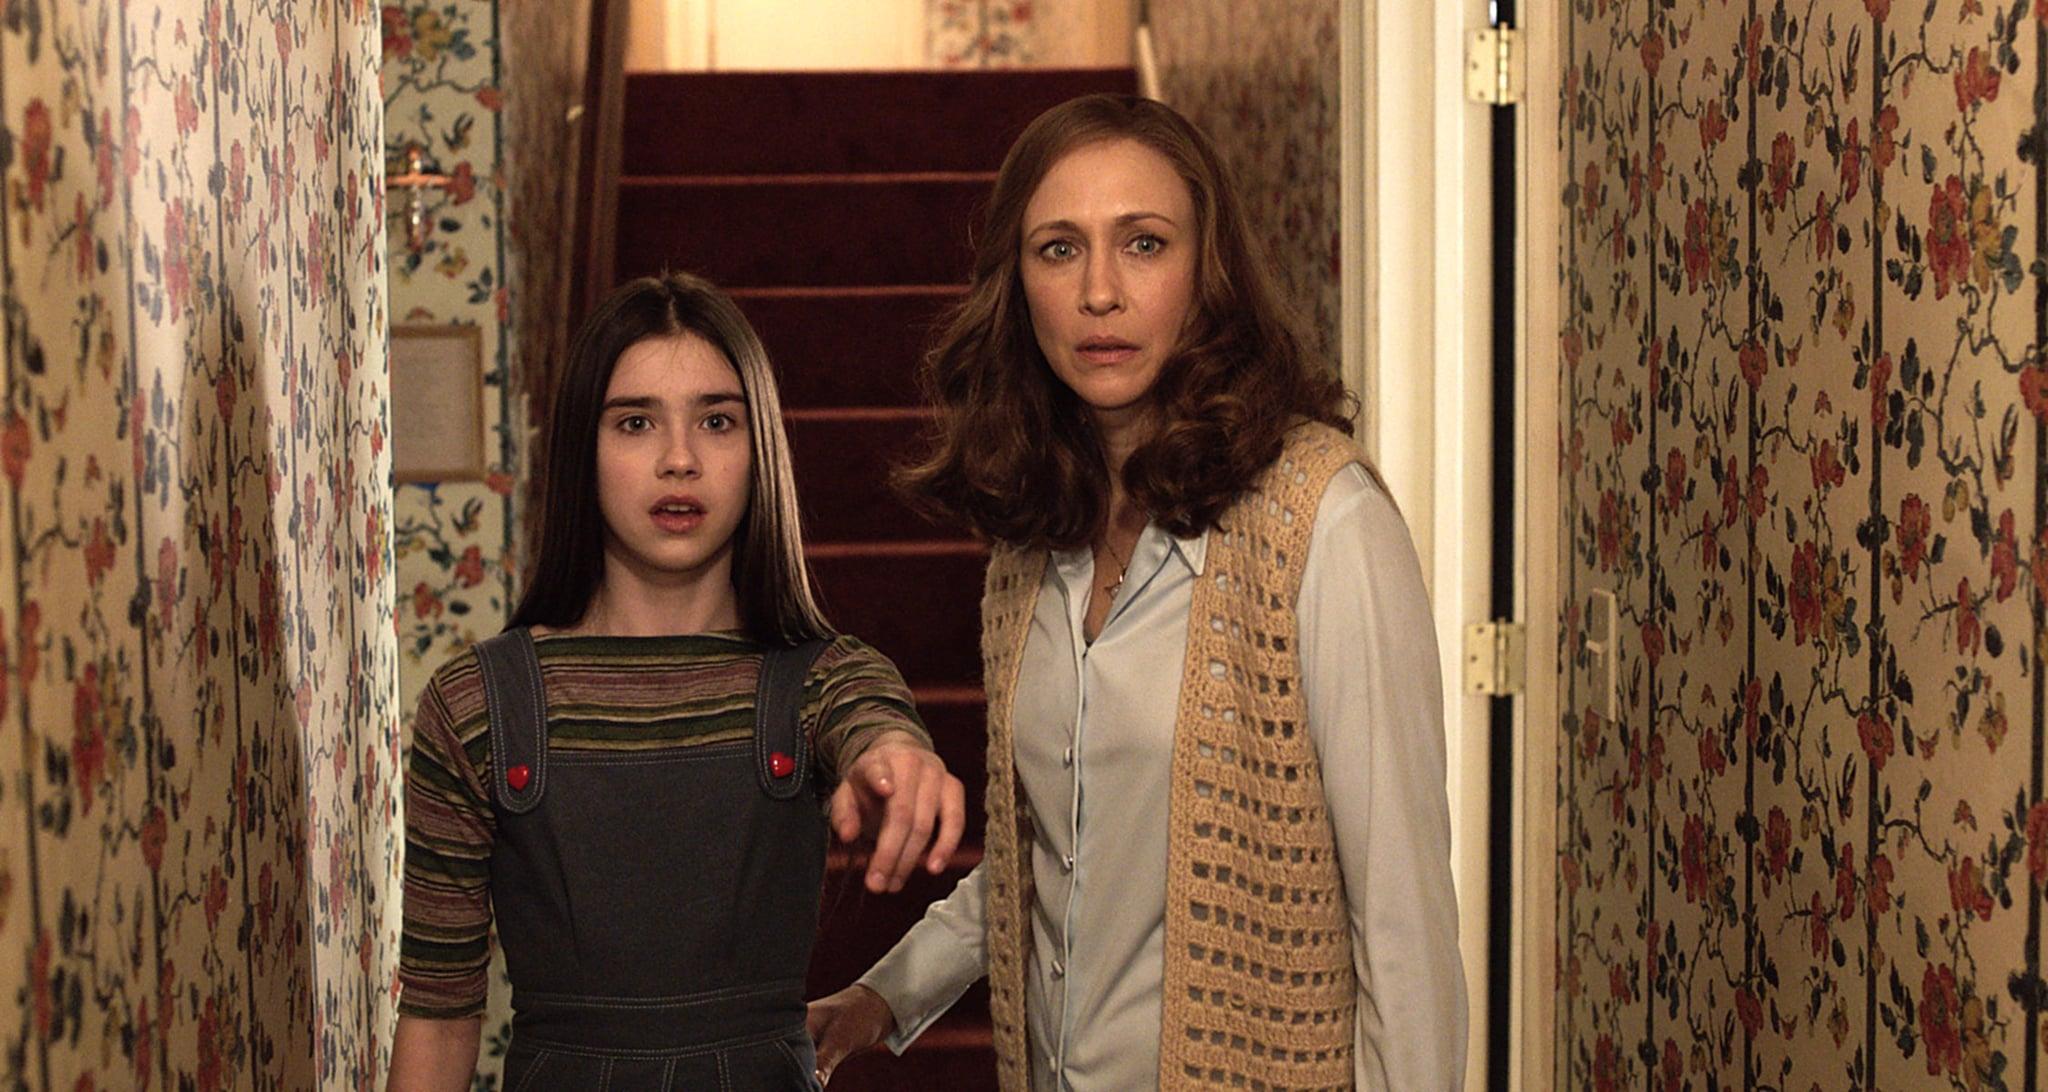 THE CONJURING 2, Vera Farmiga (right), 2016.  New Line Cinema / courtesy Everett Collection